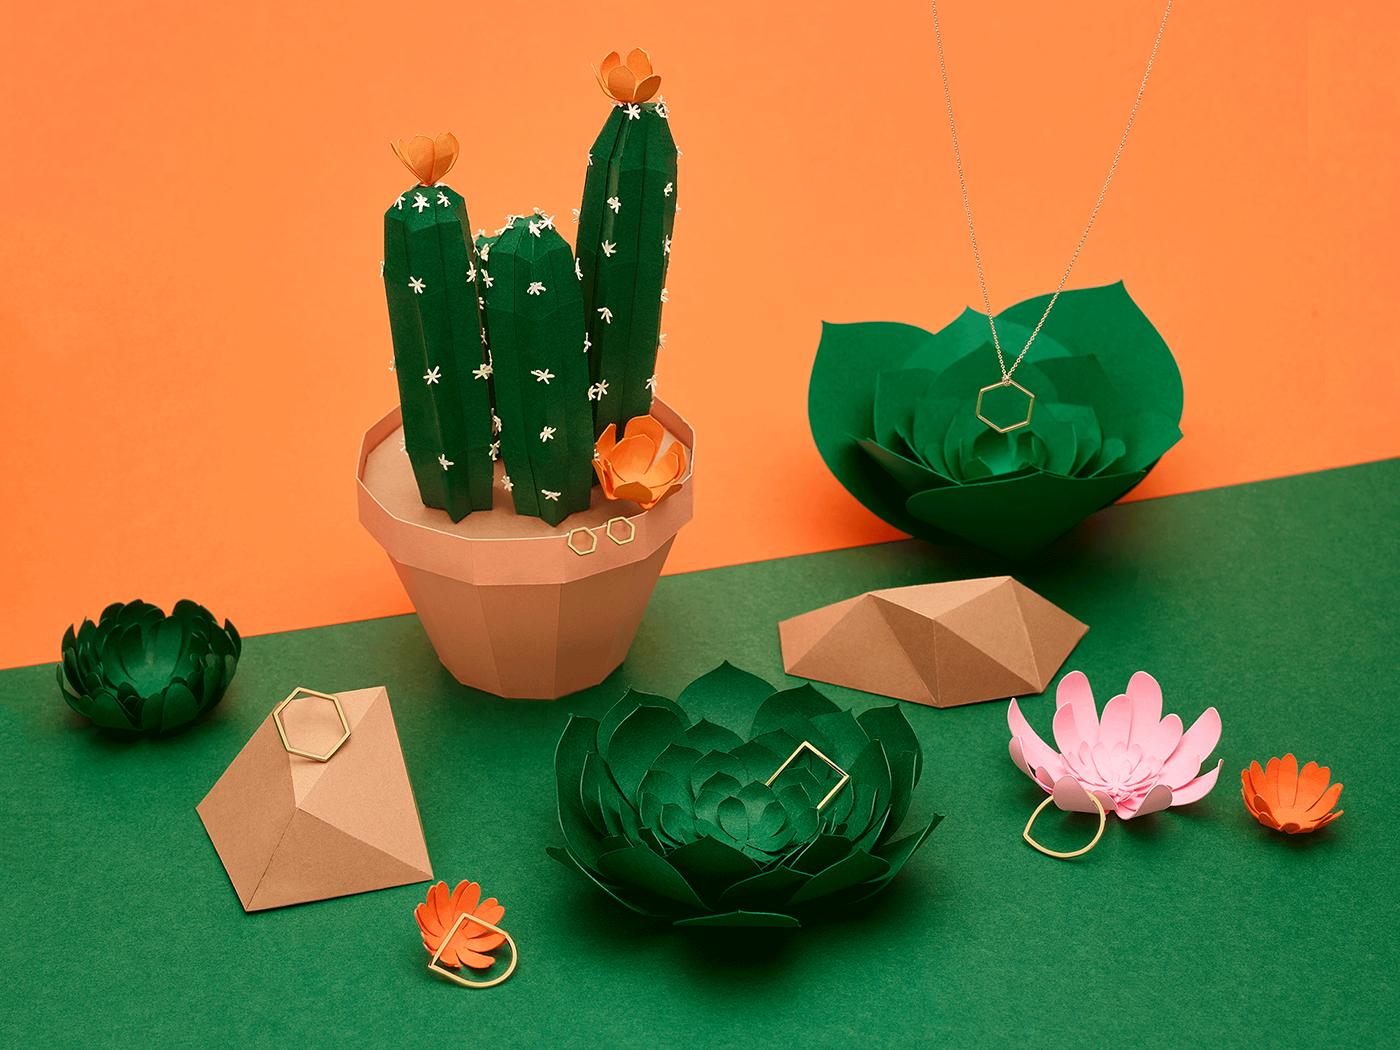 Crafts, Performing Arts, Exhibition Design